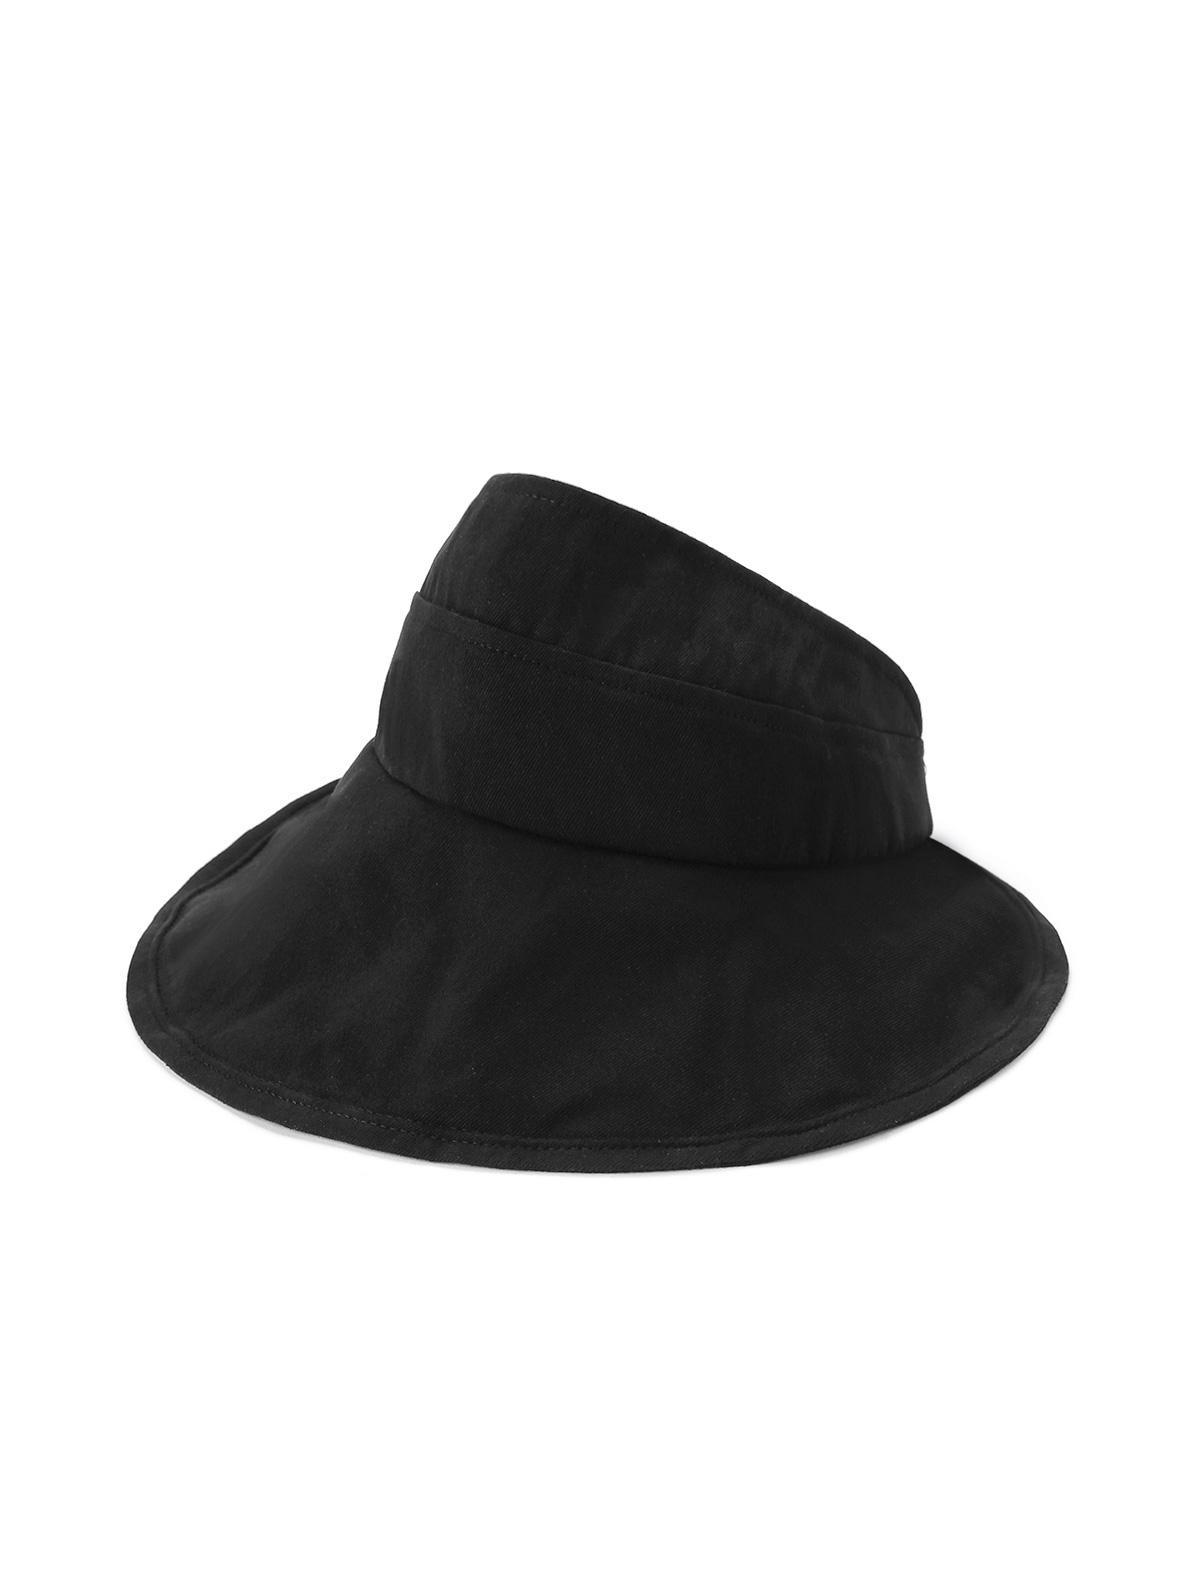 Foldable Sunproof Solid Wide Brim Visor Hat